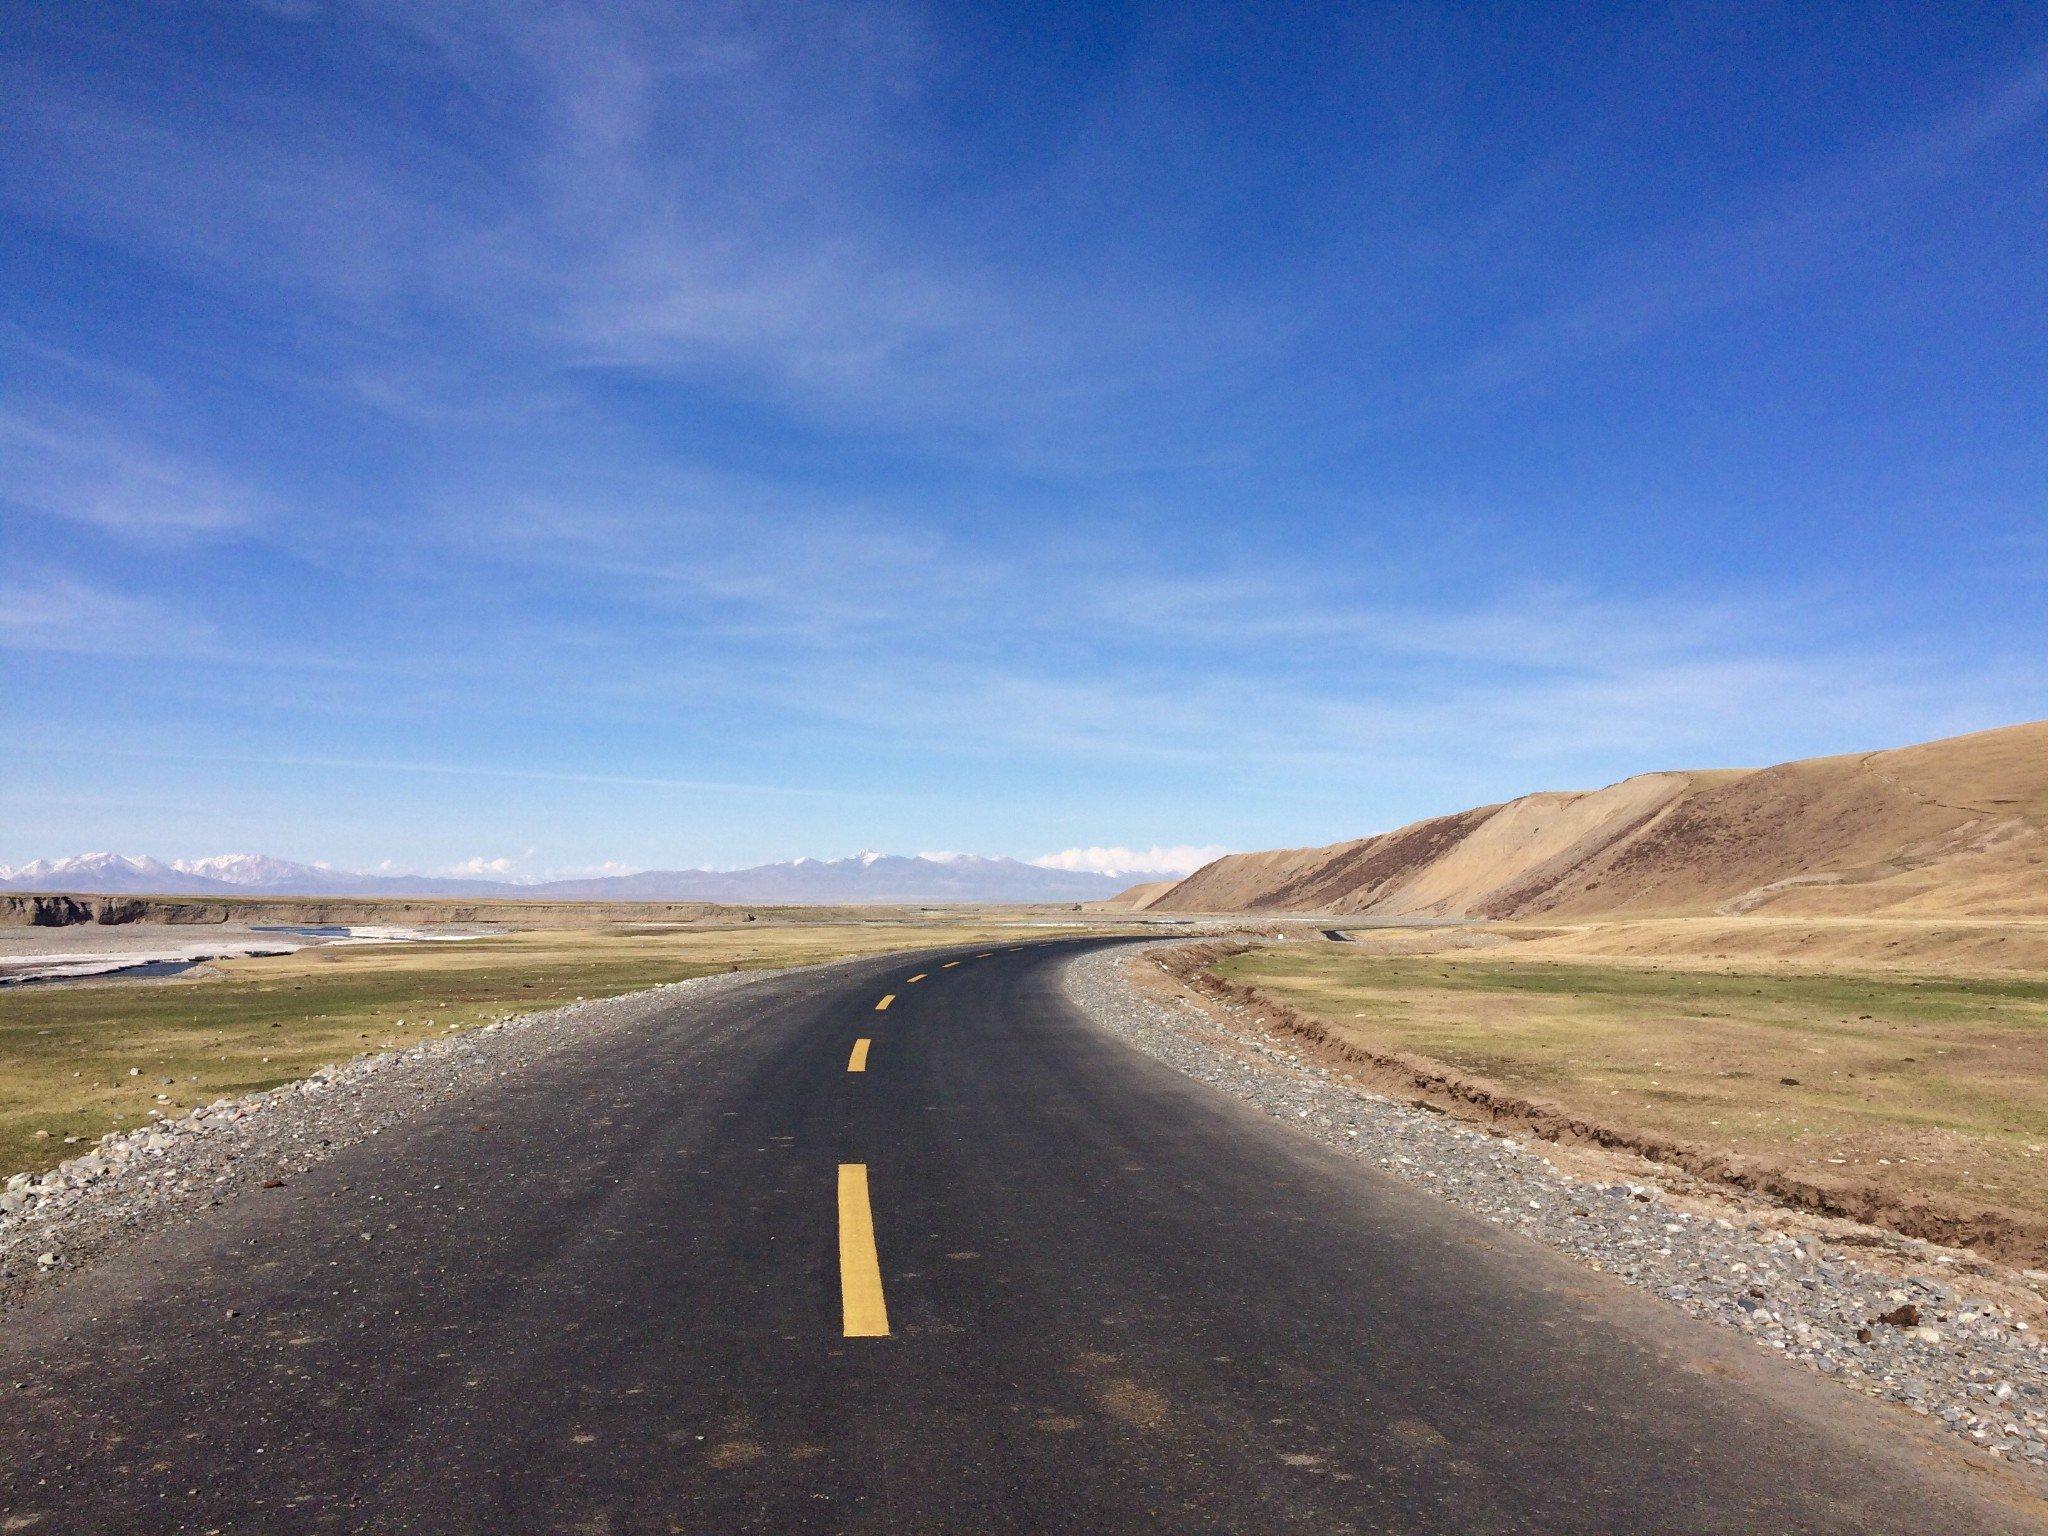 新疆旅行各方面小知及南北疆各小城景点推荐